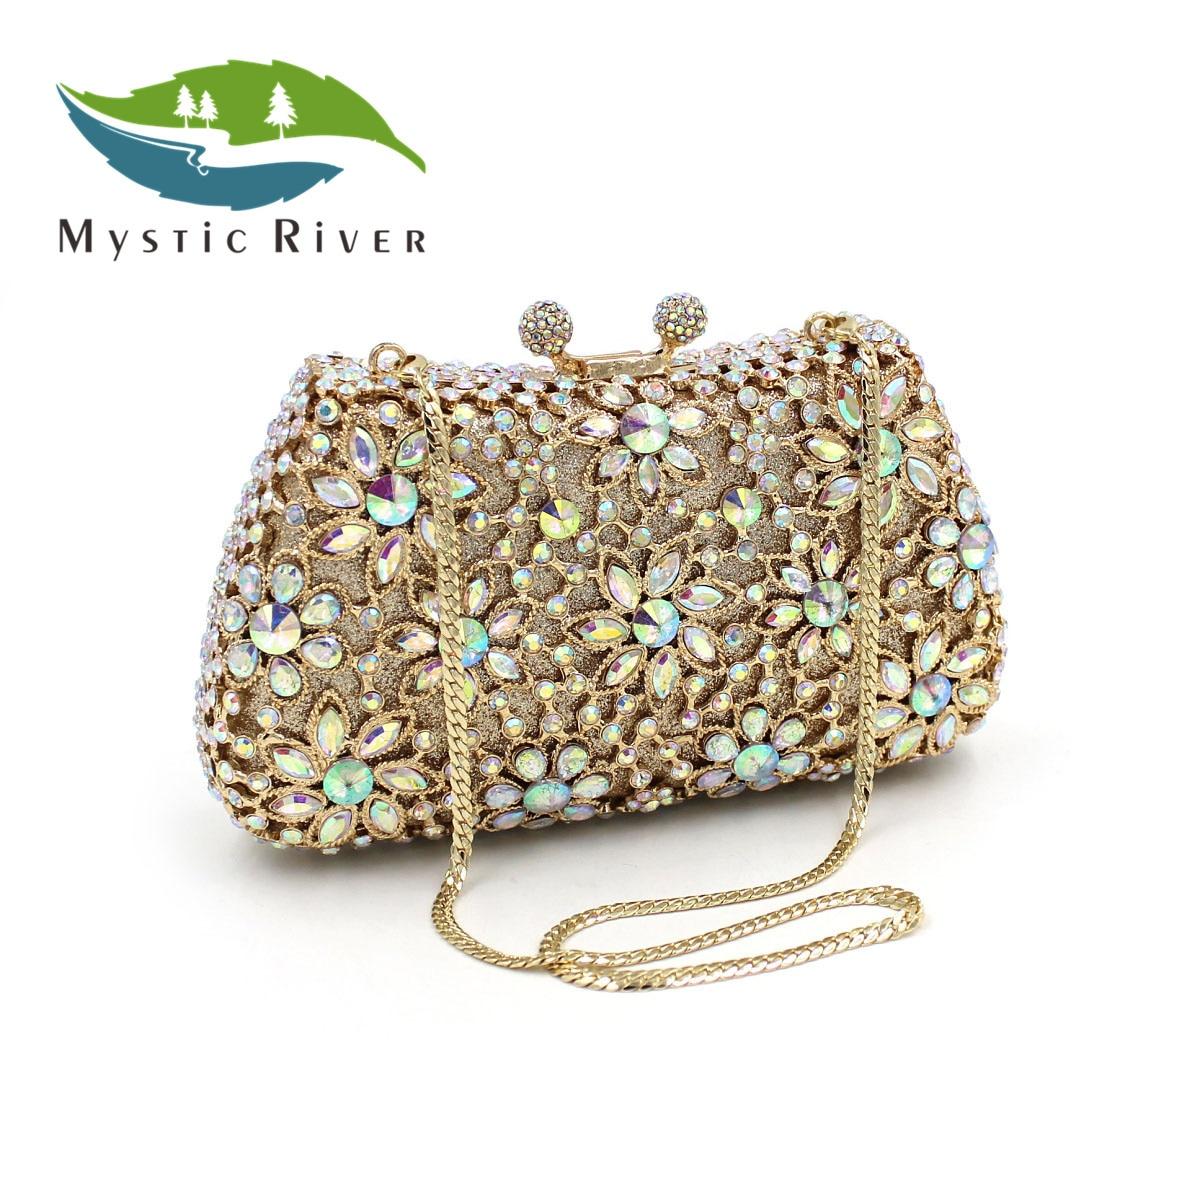 Mystic River Mujeres Flor de Cristal de Lujo Bolsos de Noche Bolsos de Las Señor